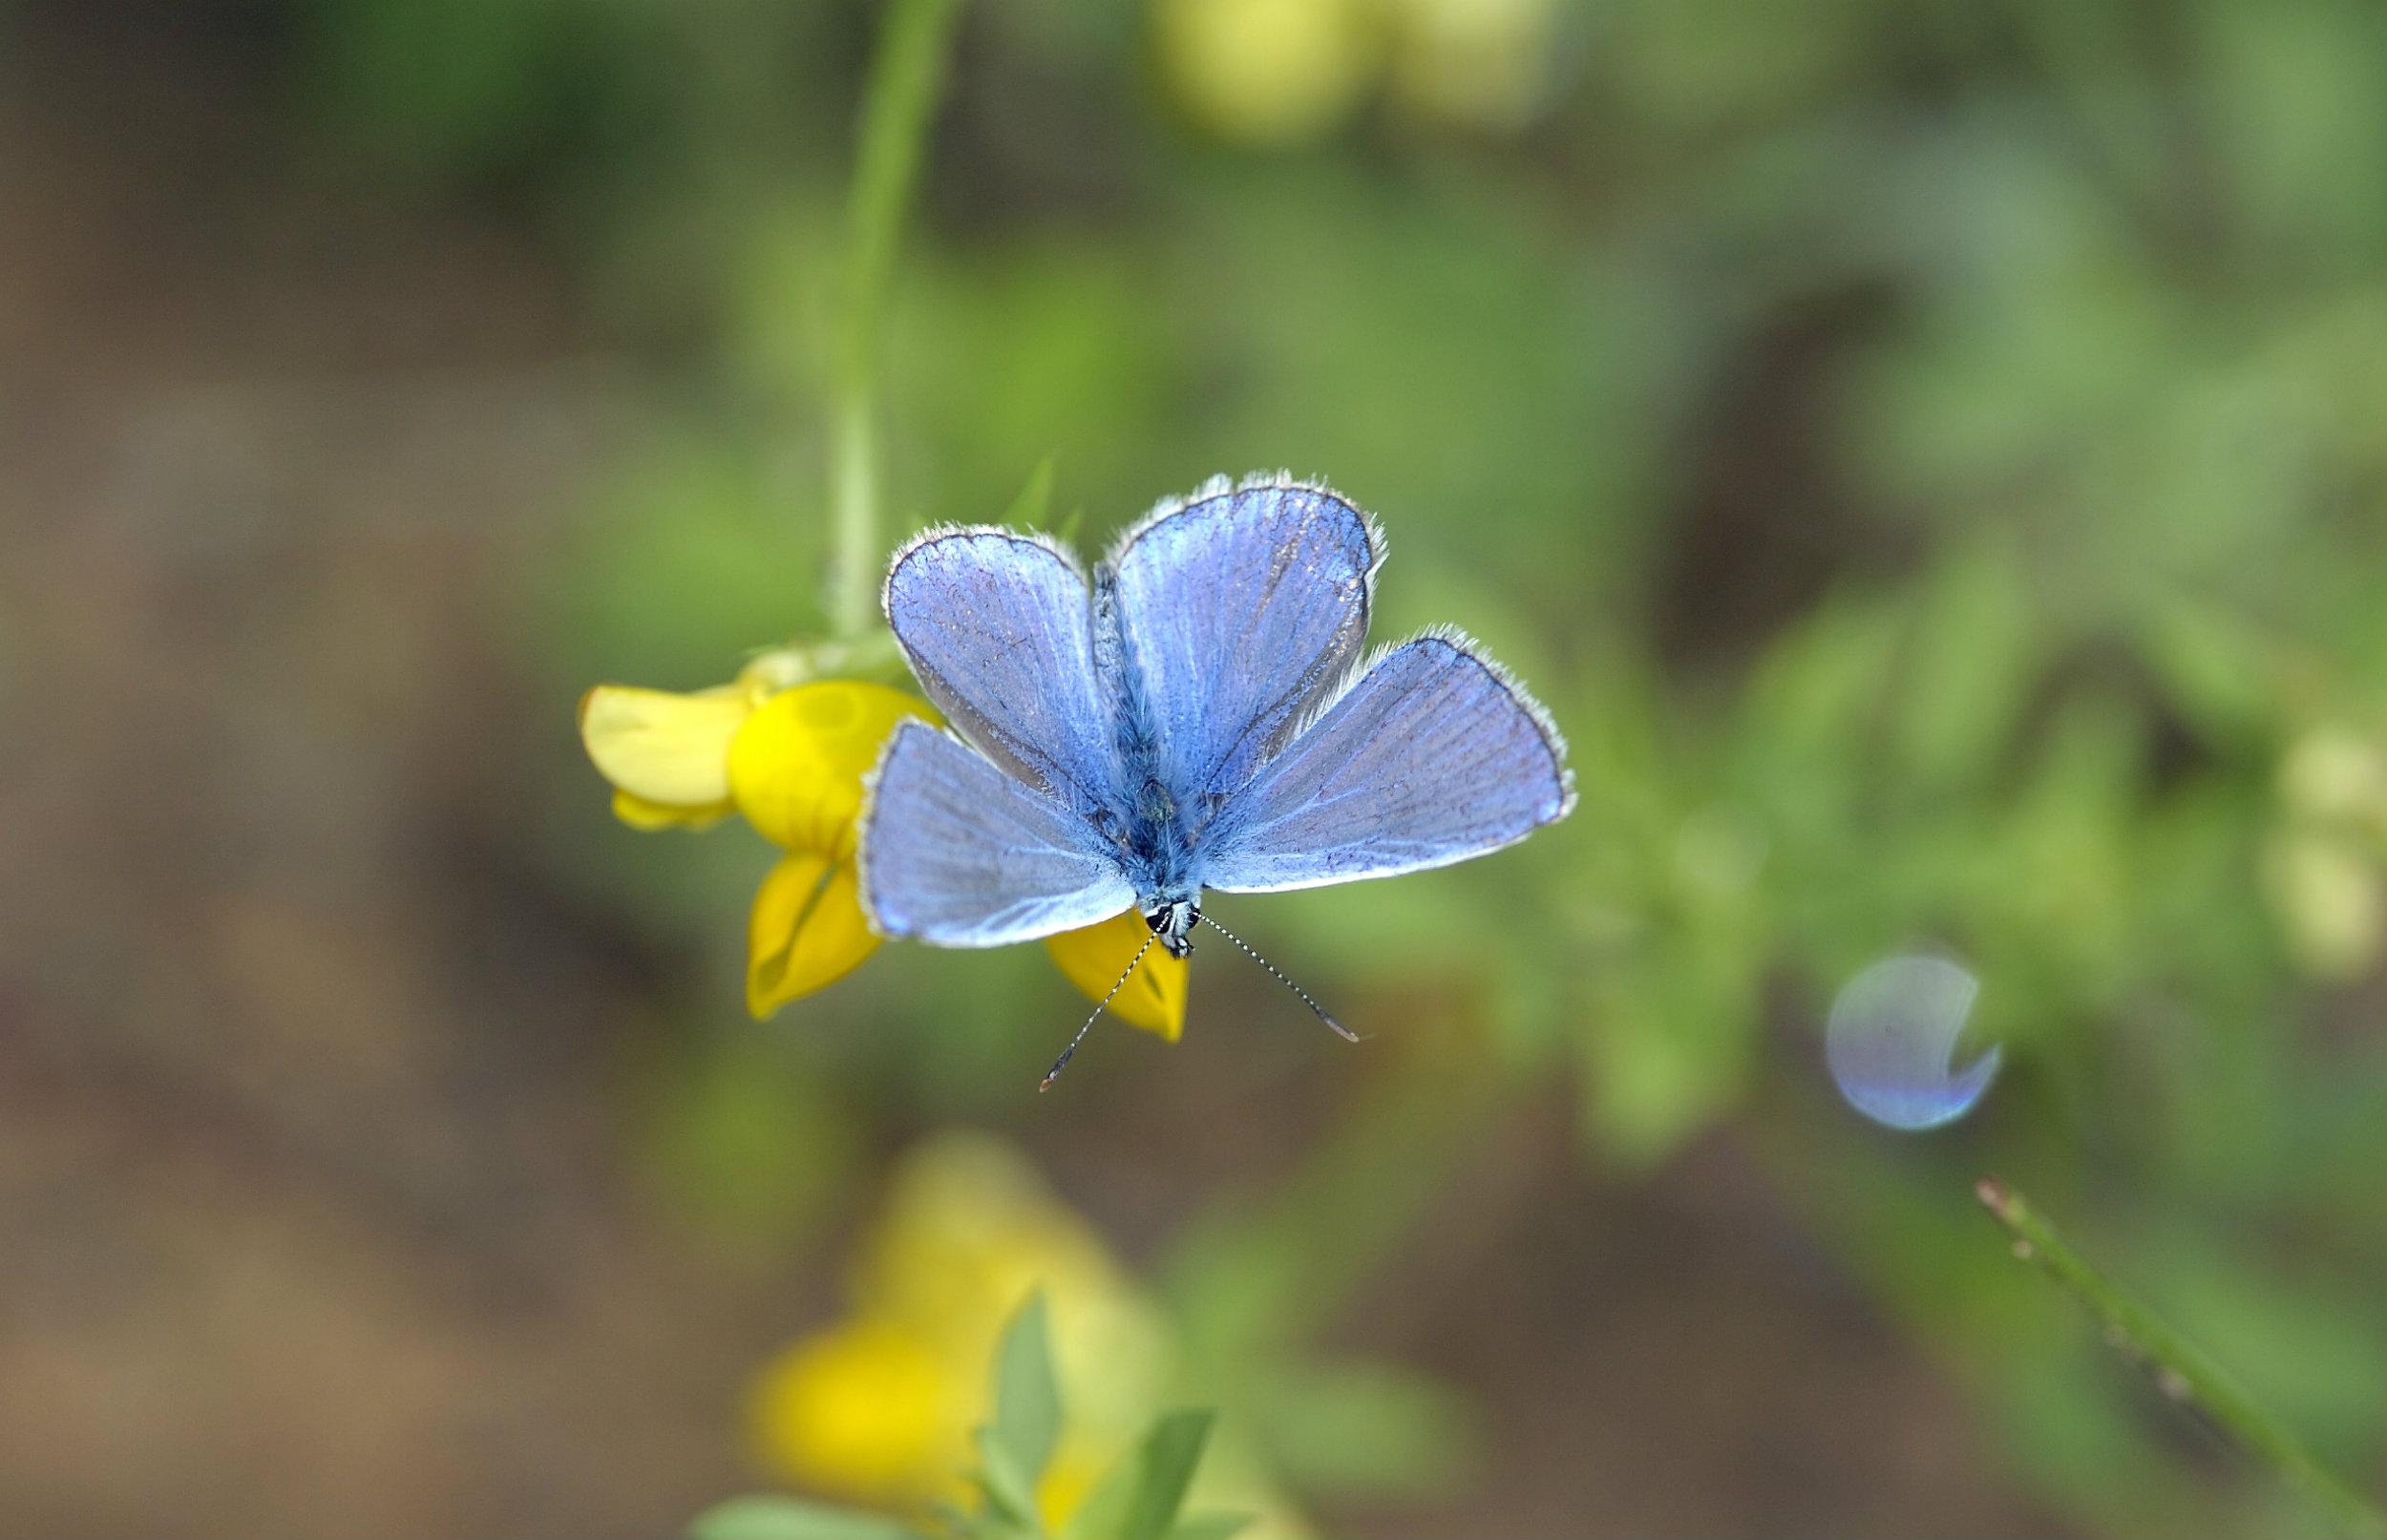 Nyt partnerskab skal hjælpe sommerfuglene i Storkøbenhavn